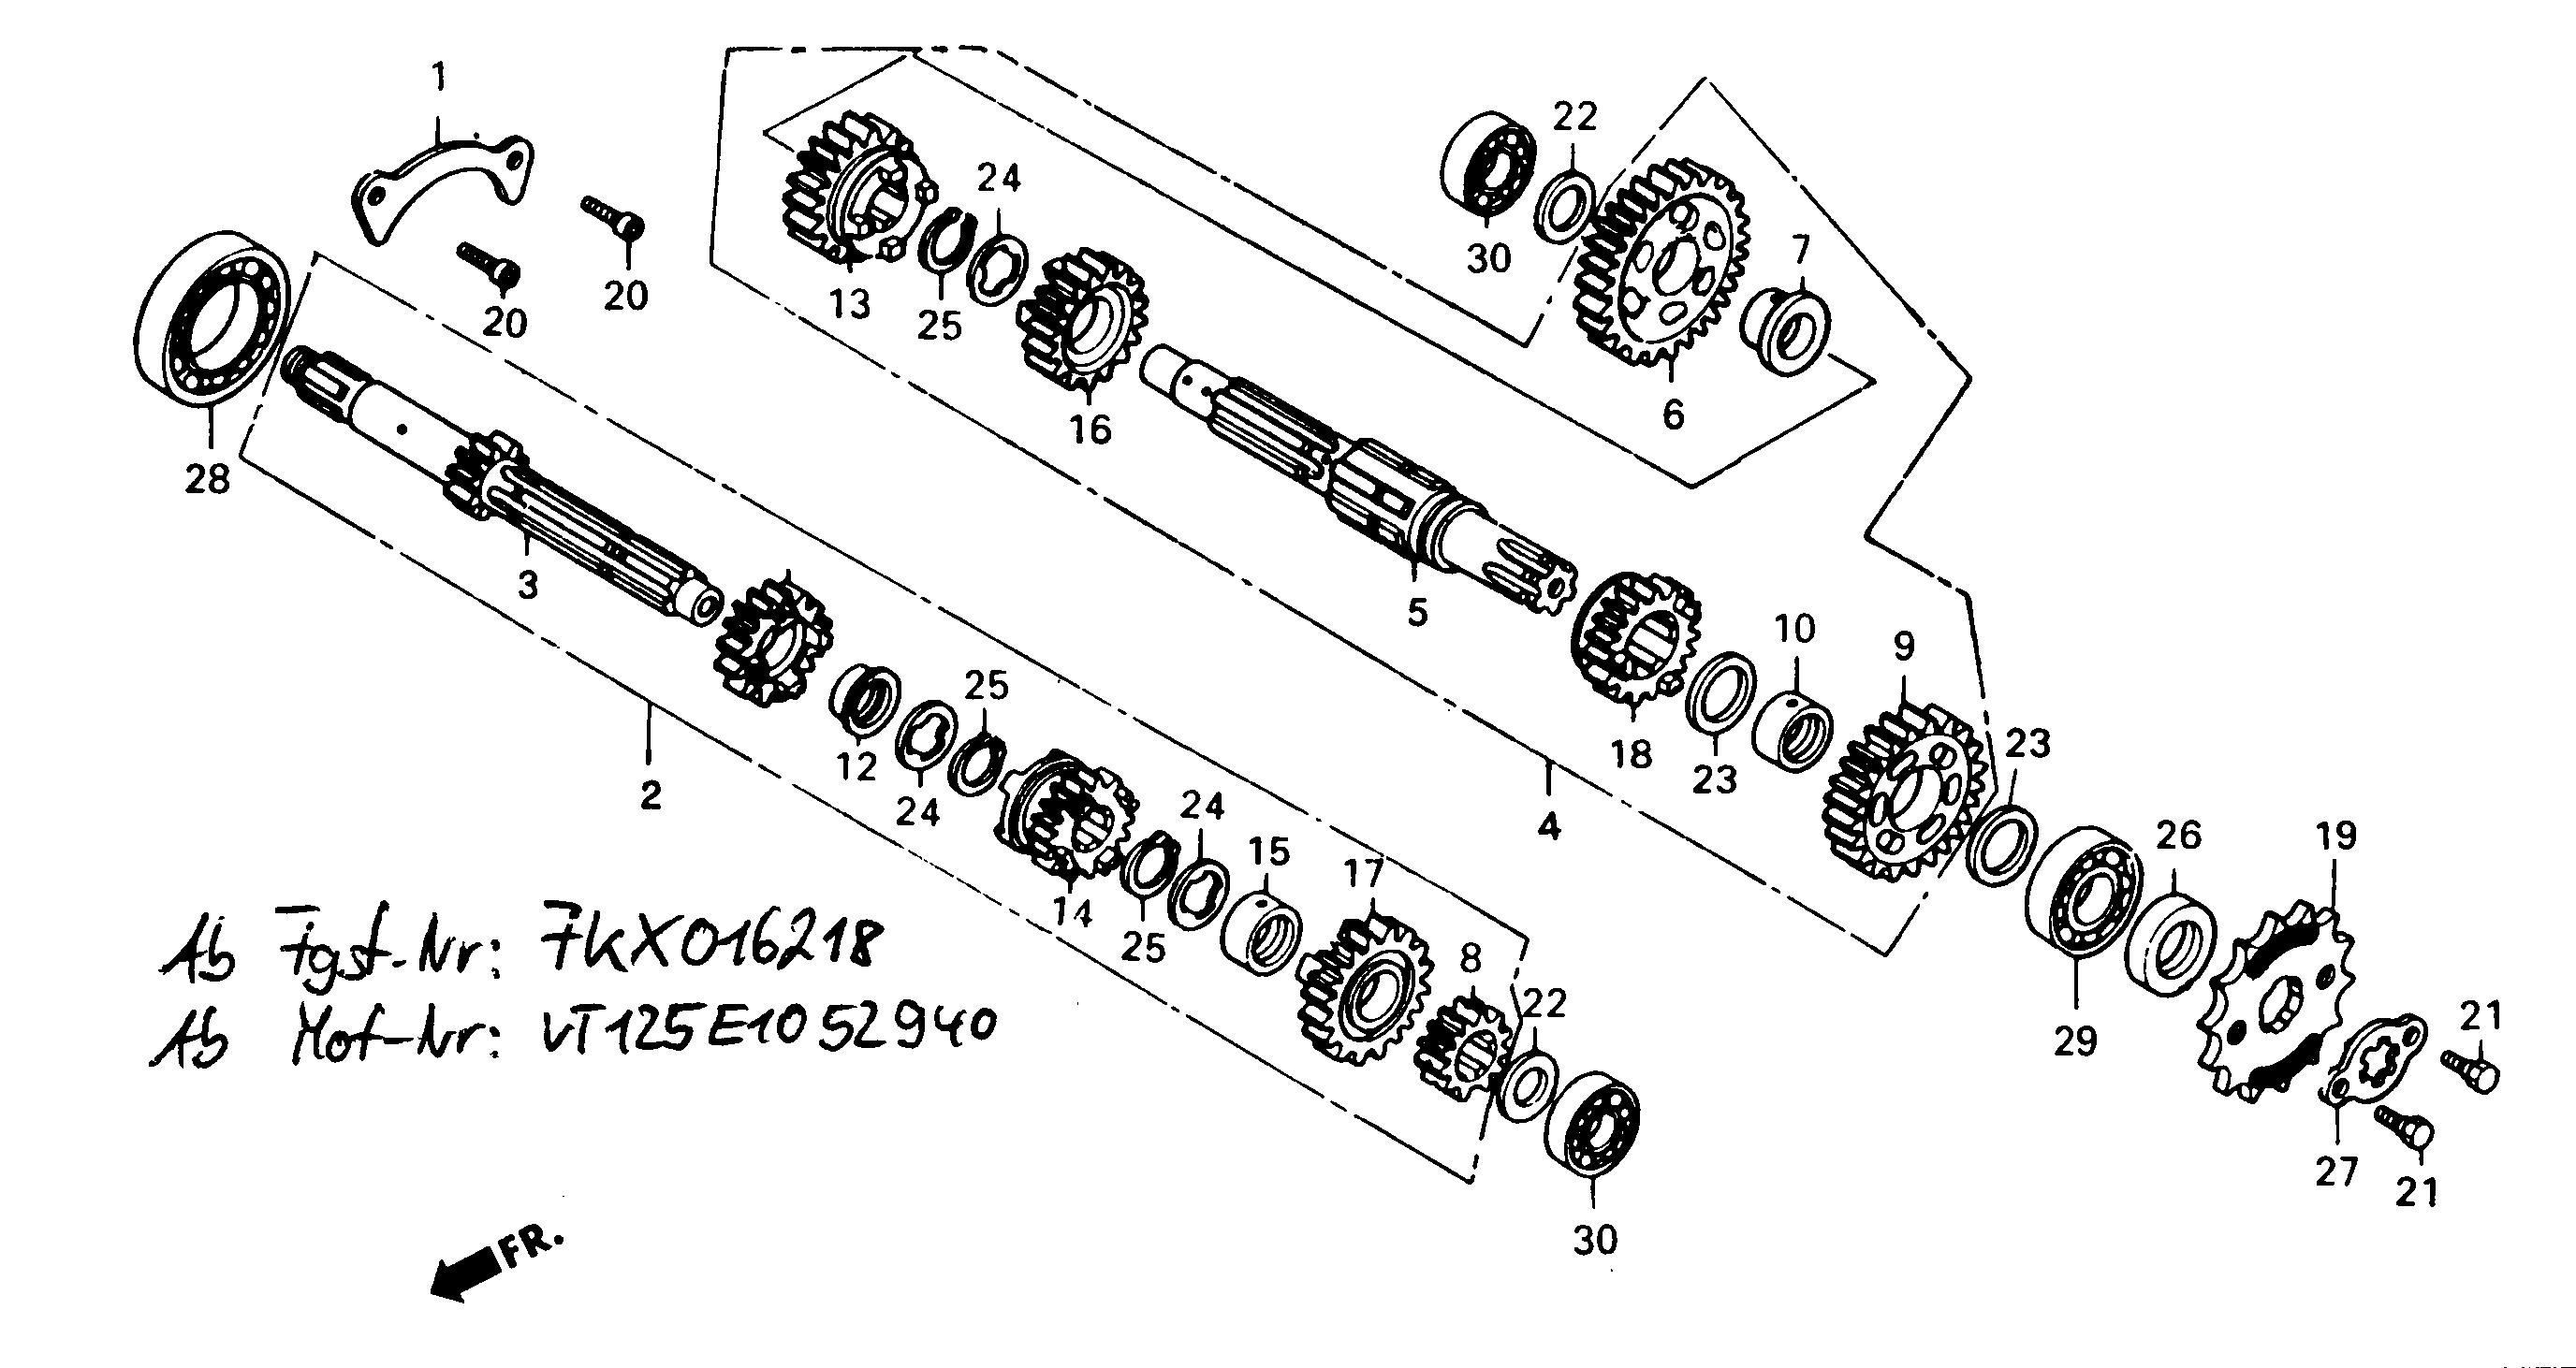 Getriebe ab FgNr.: KMYVT125FKX016218